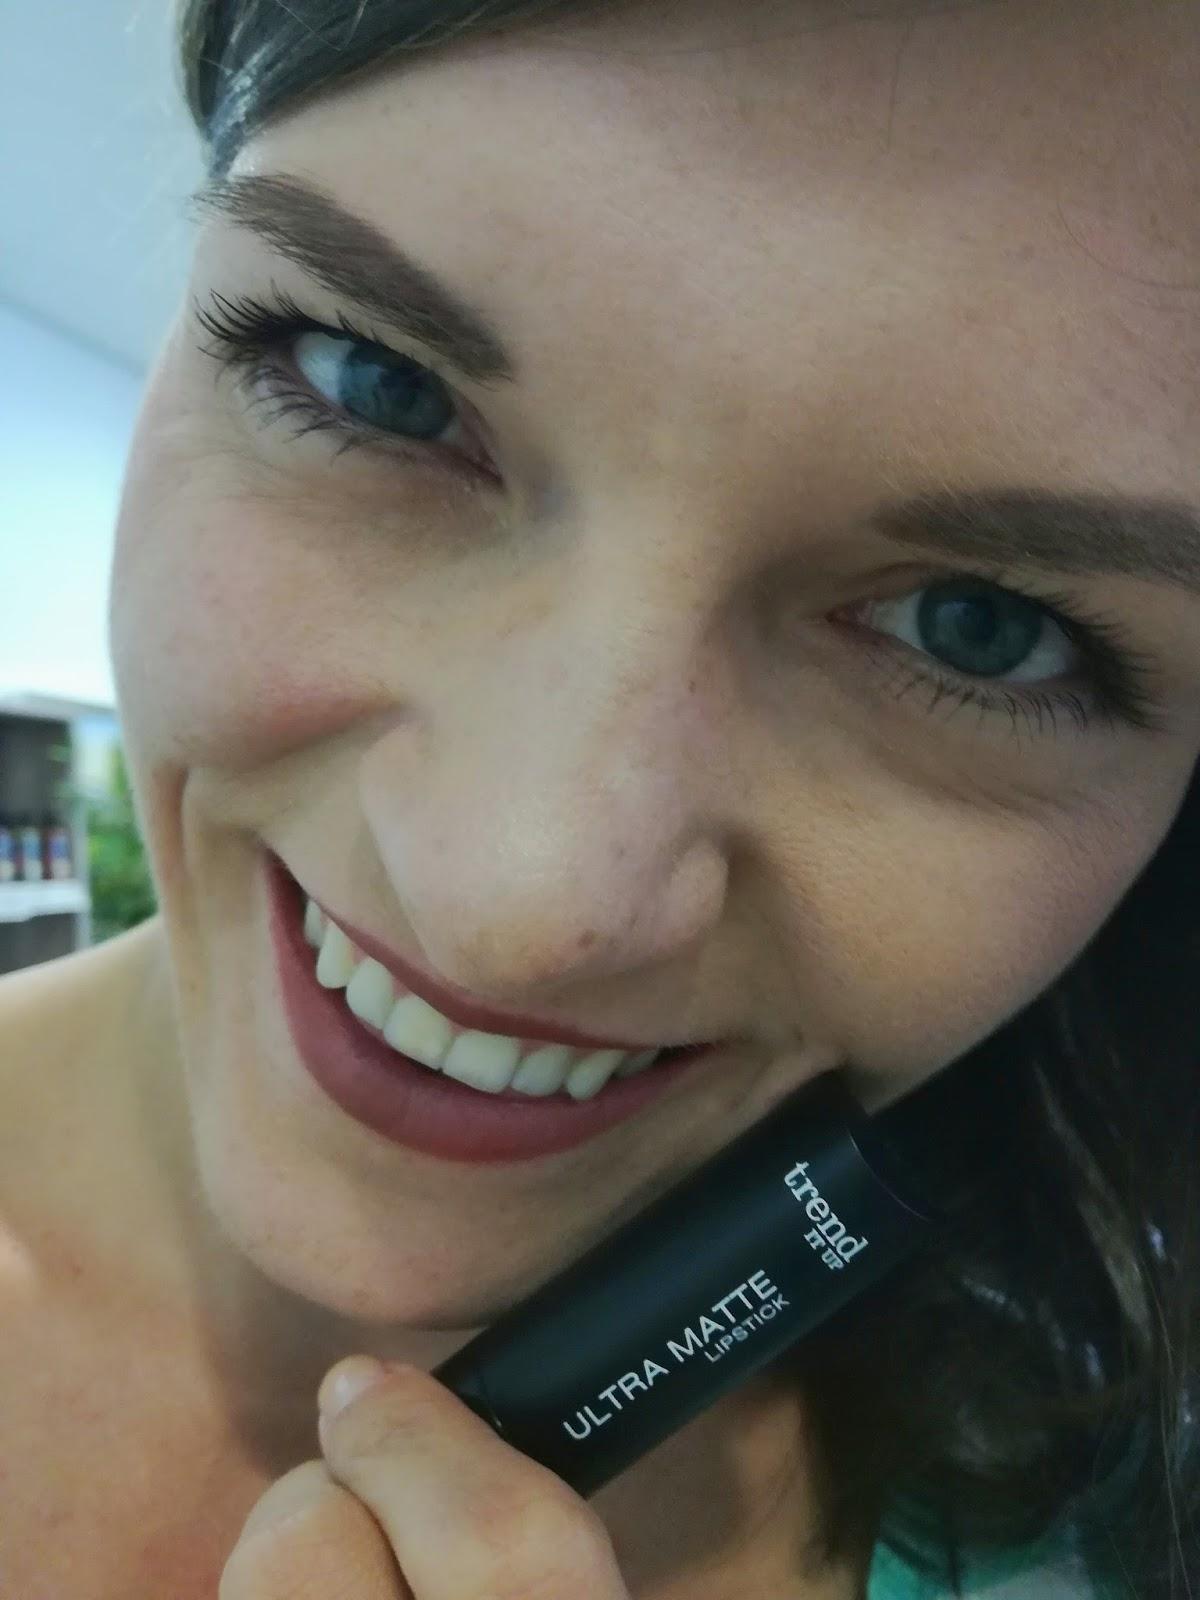 trend-it-up-dm-make-up-swatch-ultra-matte-lipstick-470